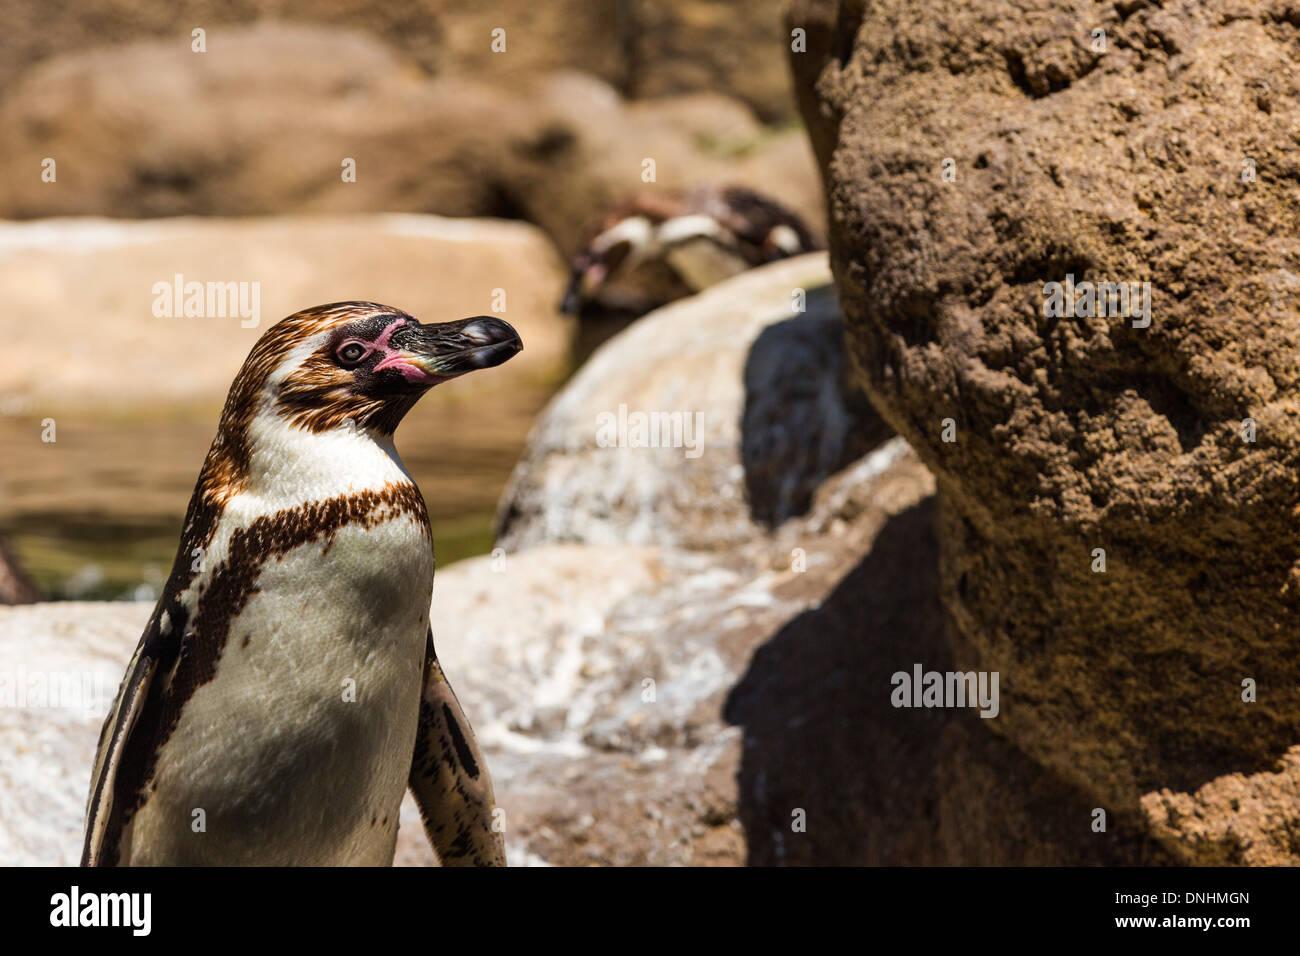 Manchot de Humboldt (Spheniscus Humboldt) dans un zoo, le Zoo de Barcelone, Barcelone, Catalogne, Espagne Banque D'Images